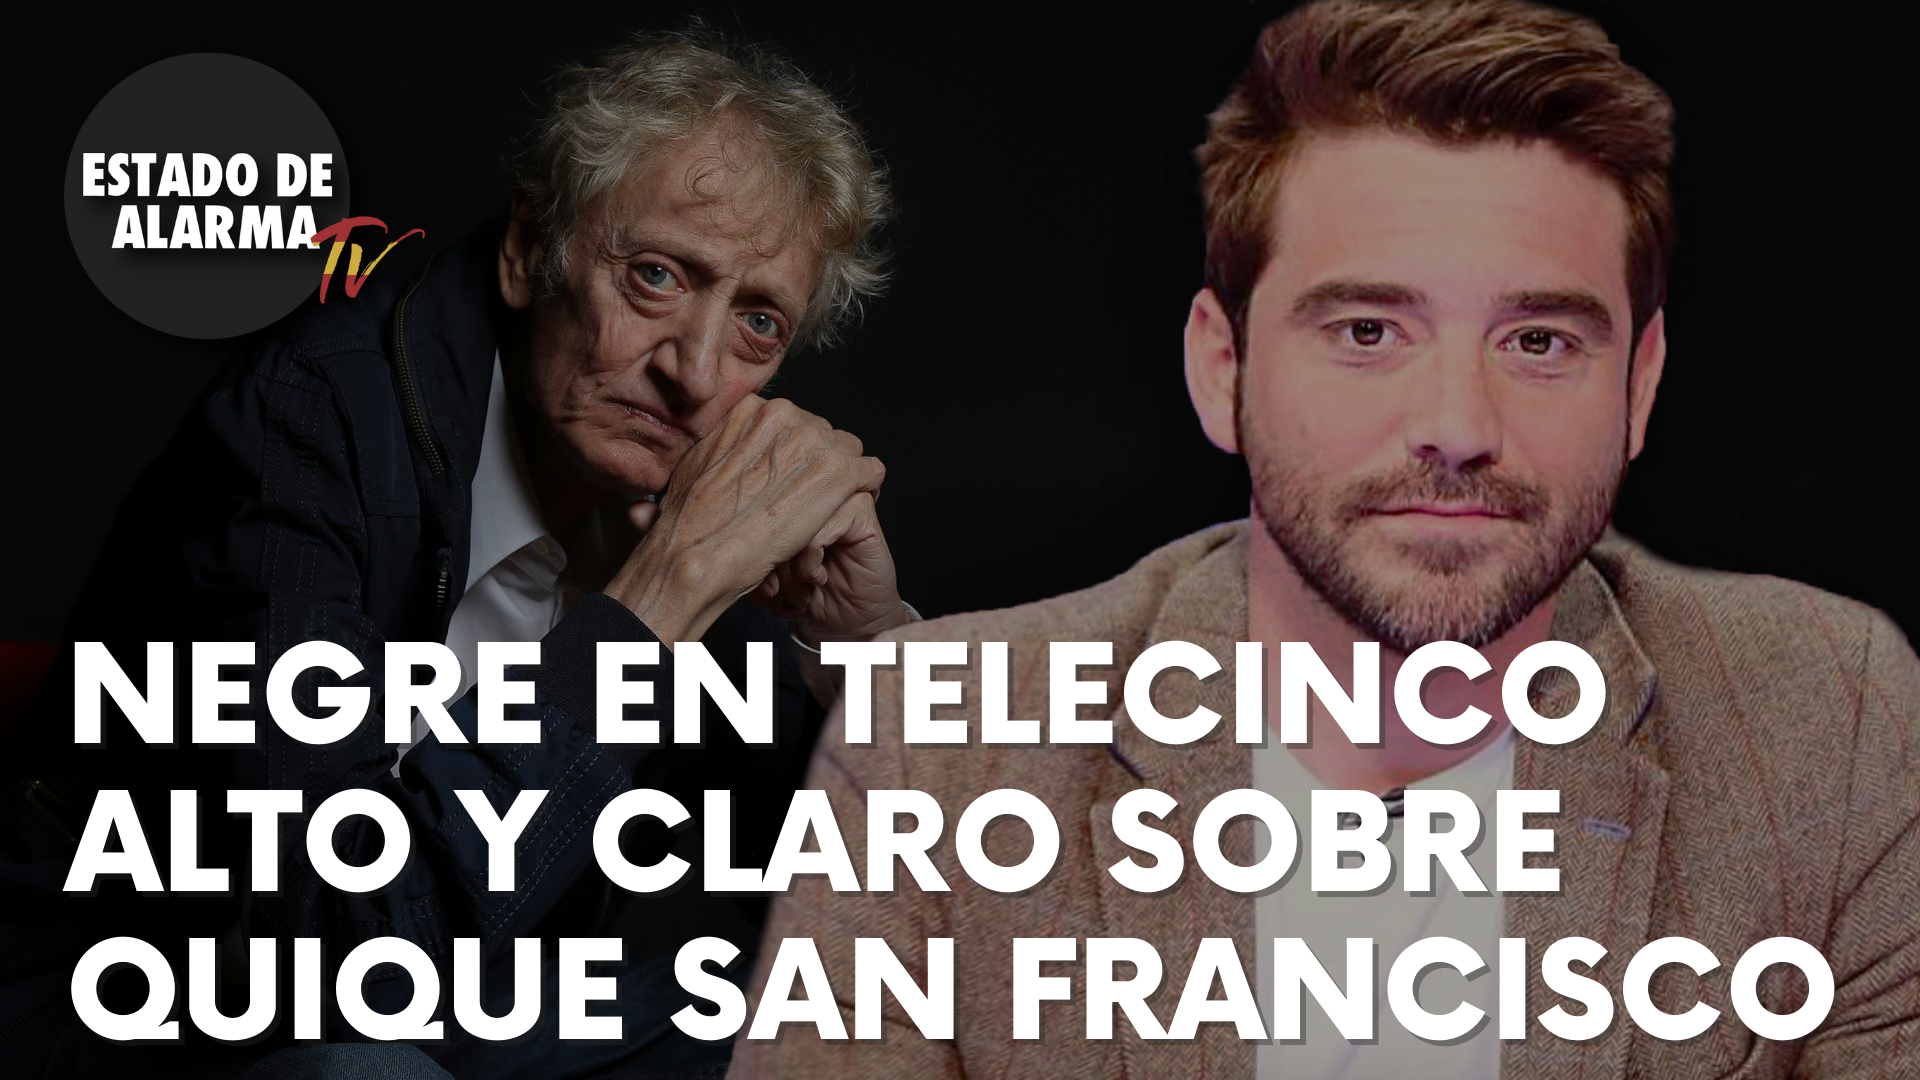 Javier Negre habla alta y claro en Telecinco sobre Quique San Francisco